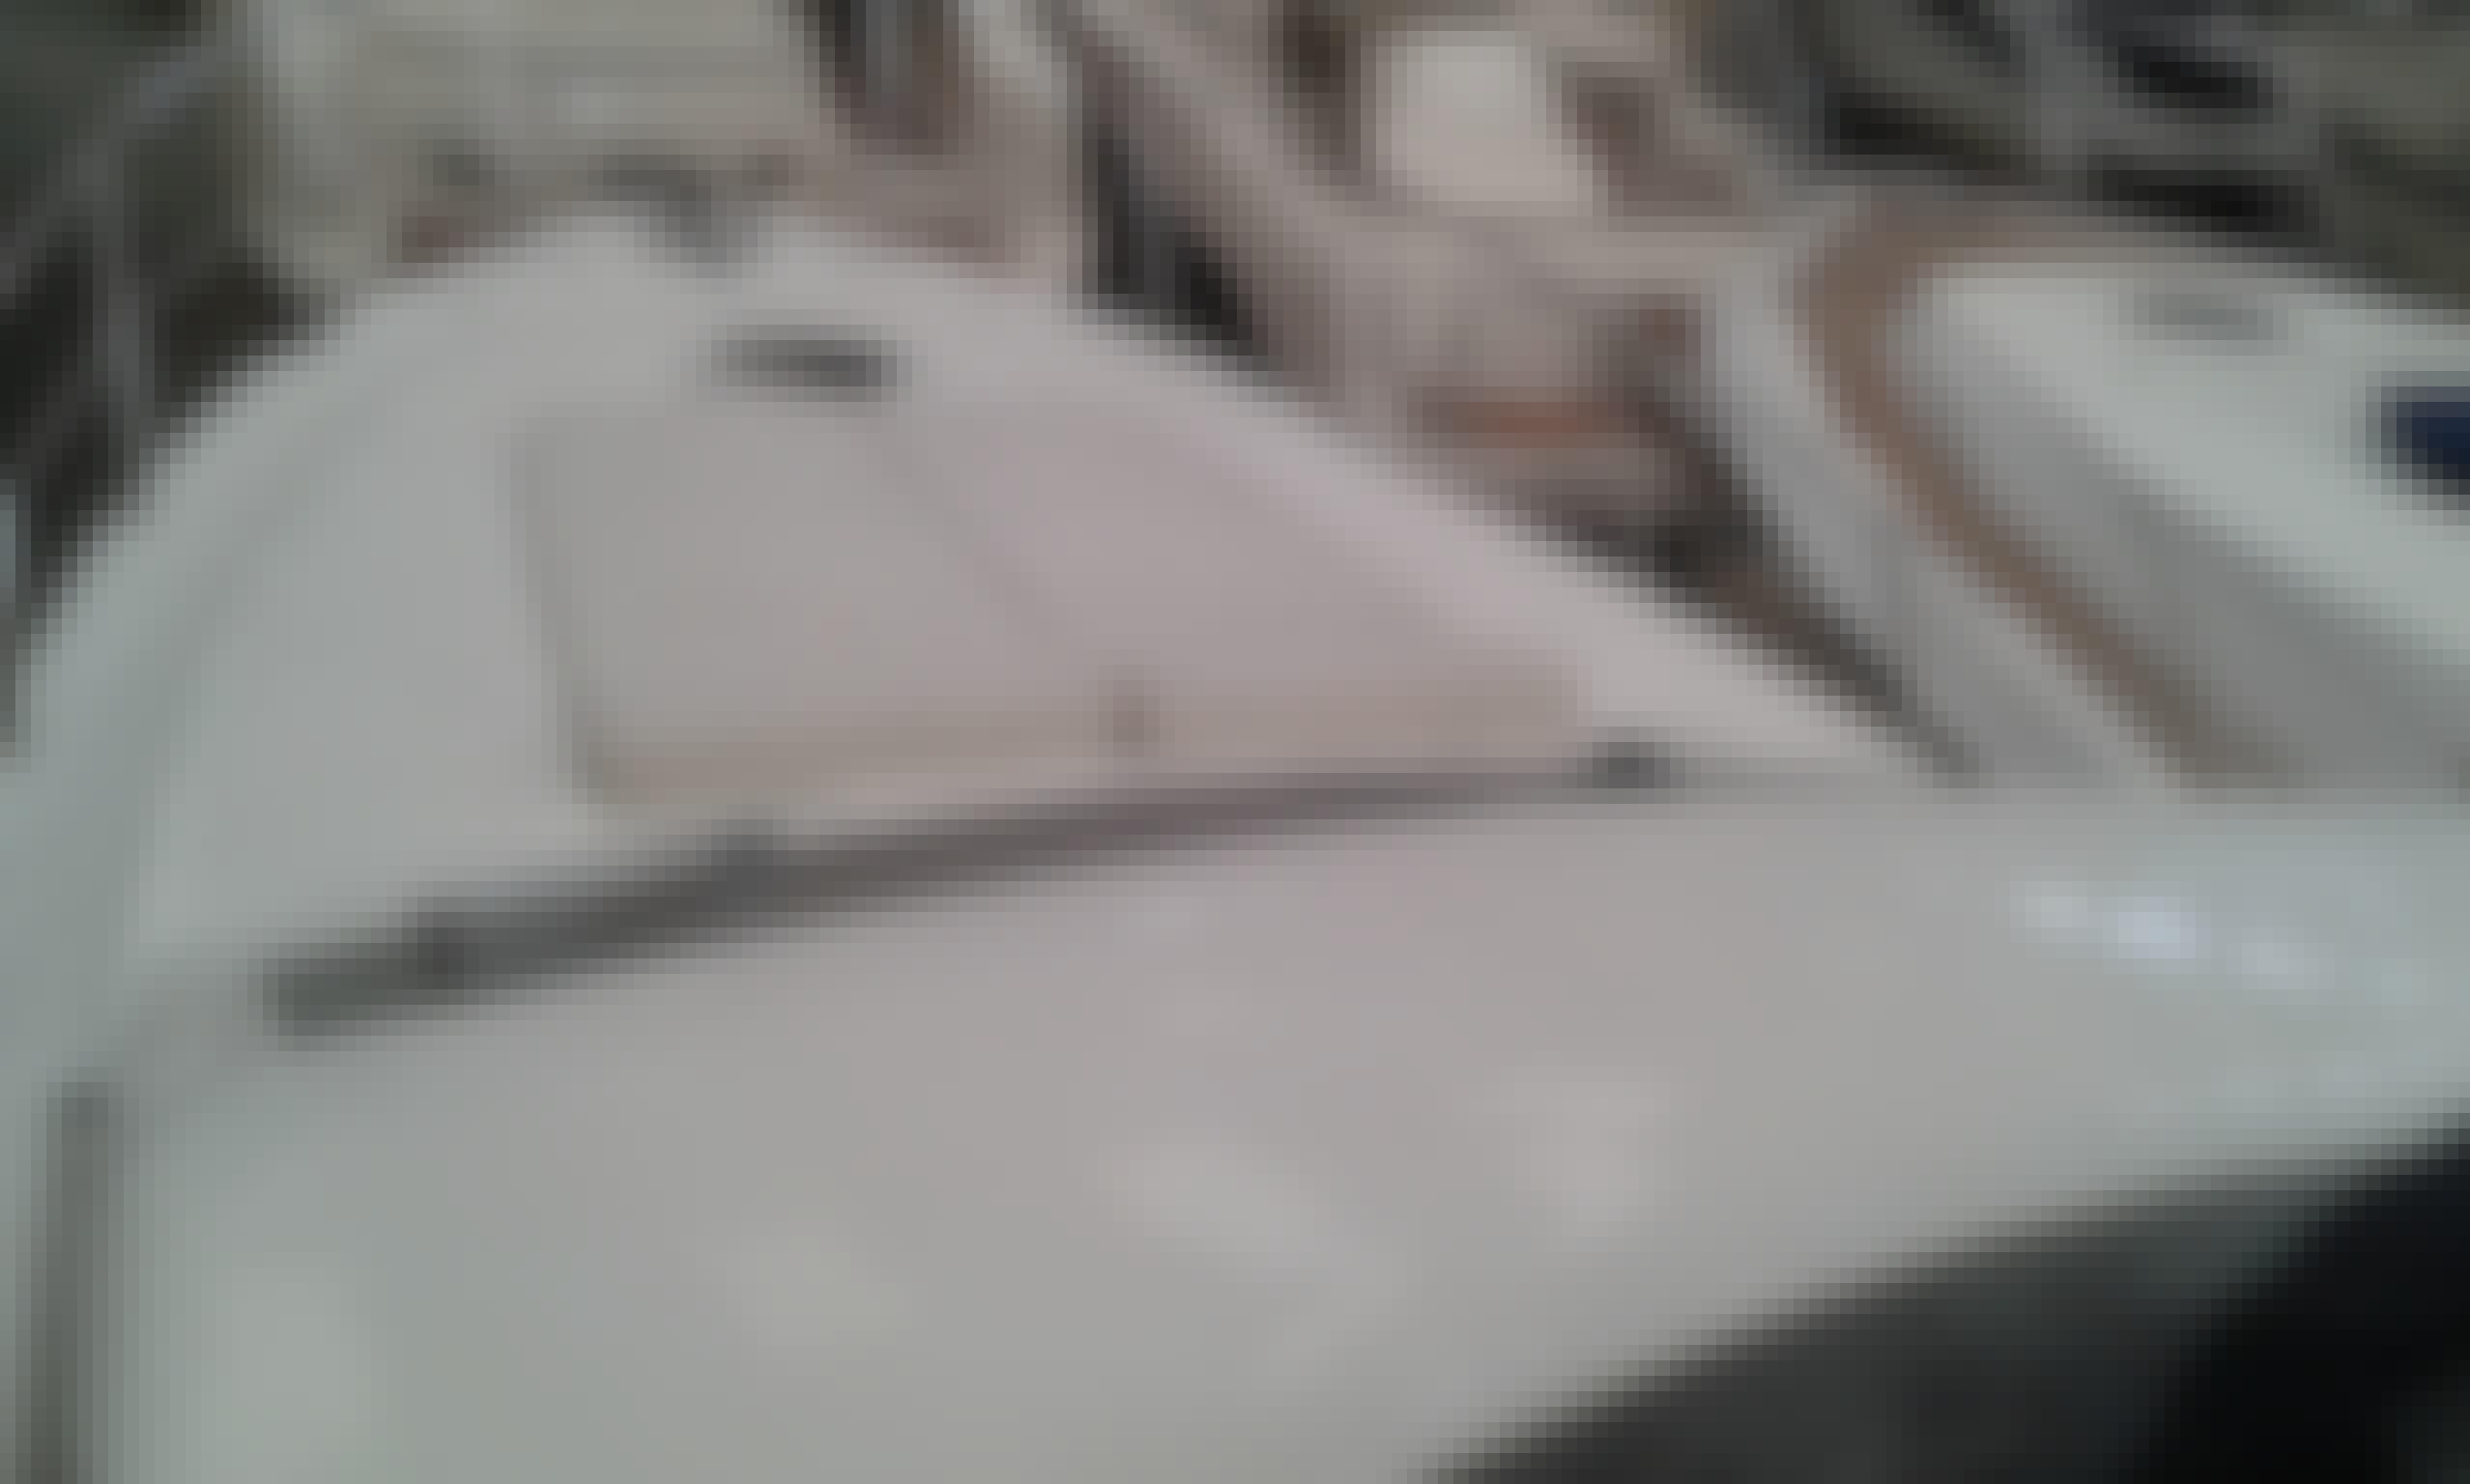 2008 Della Pasqua DC 14 SL Motor Yacht Charter in Menton